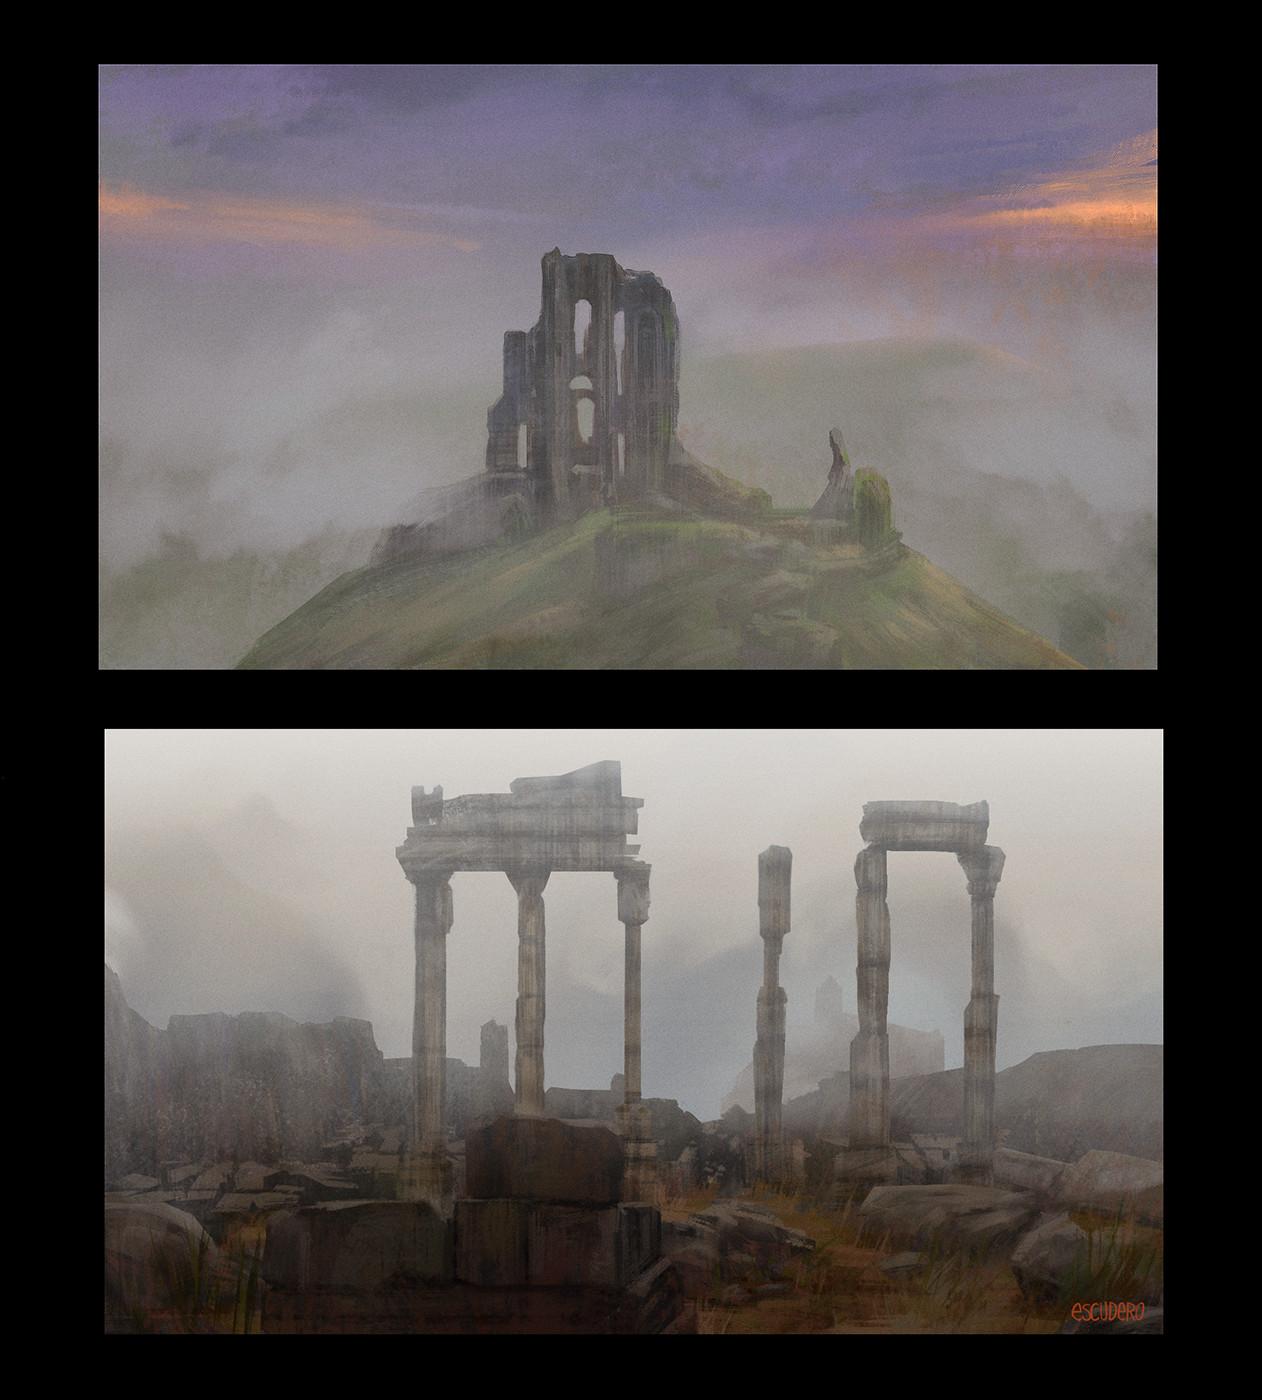 97. the foggy hobby